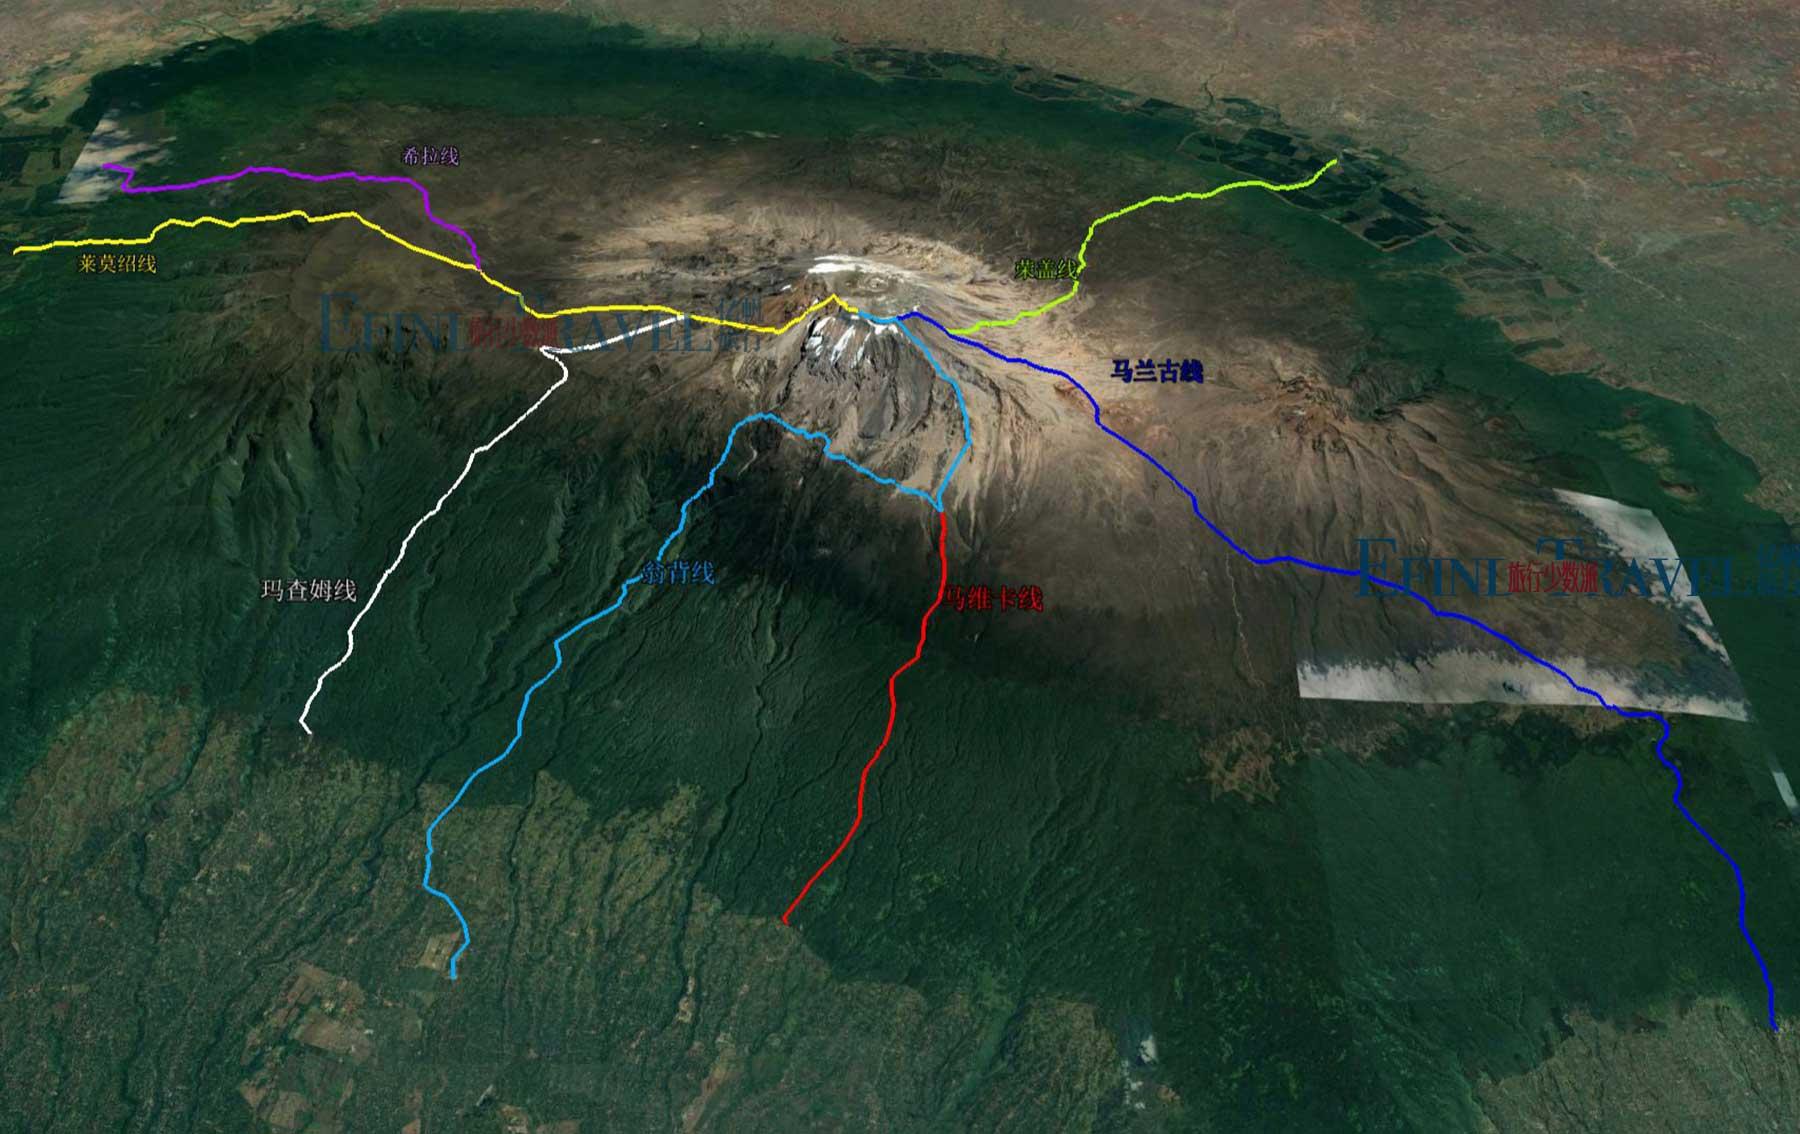 乞力马扎罗山的登顶线路地图